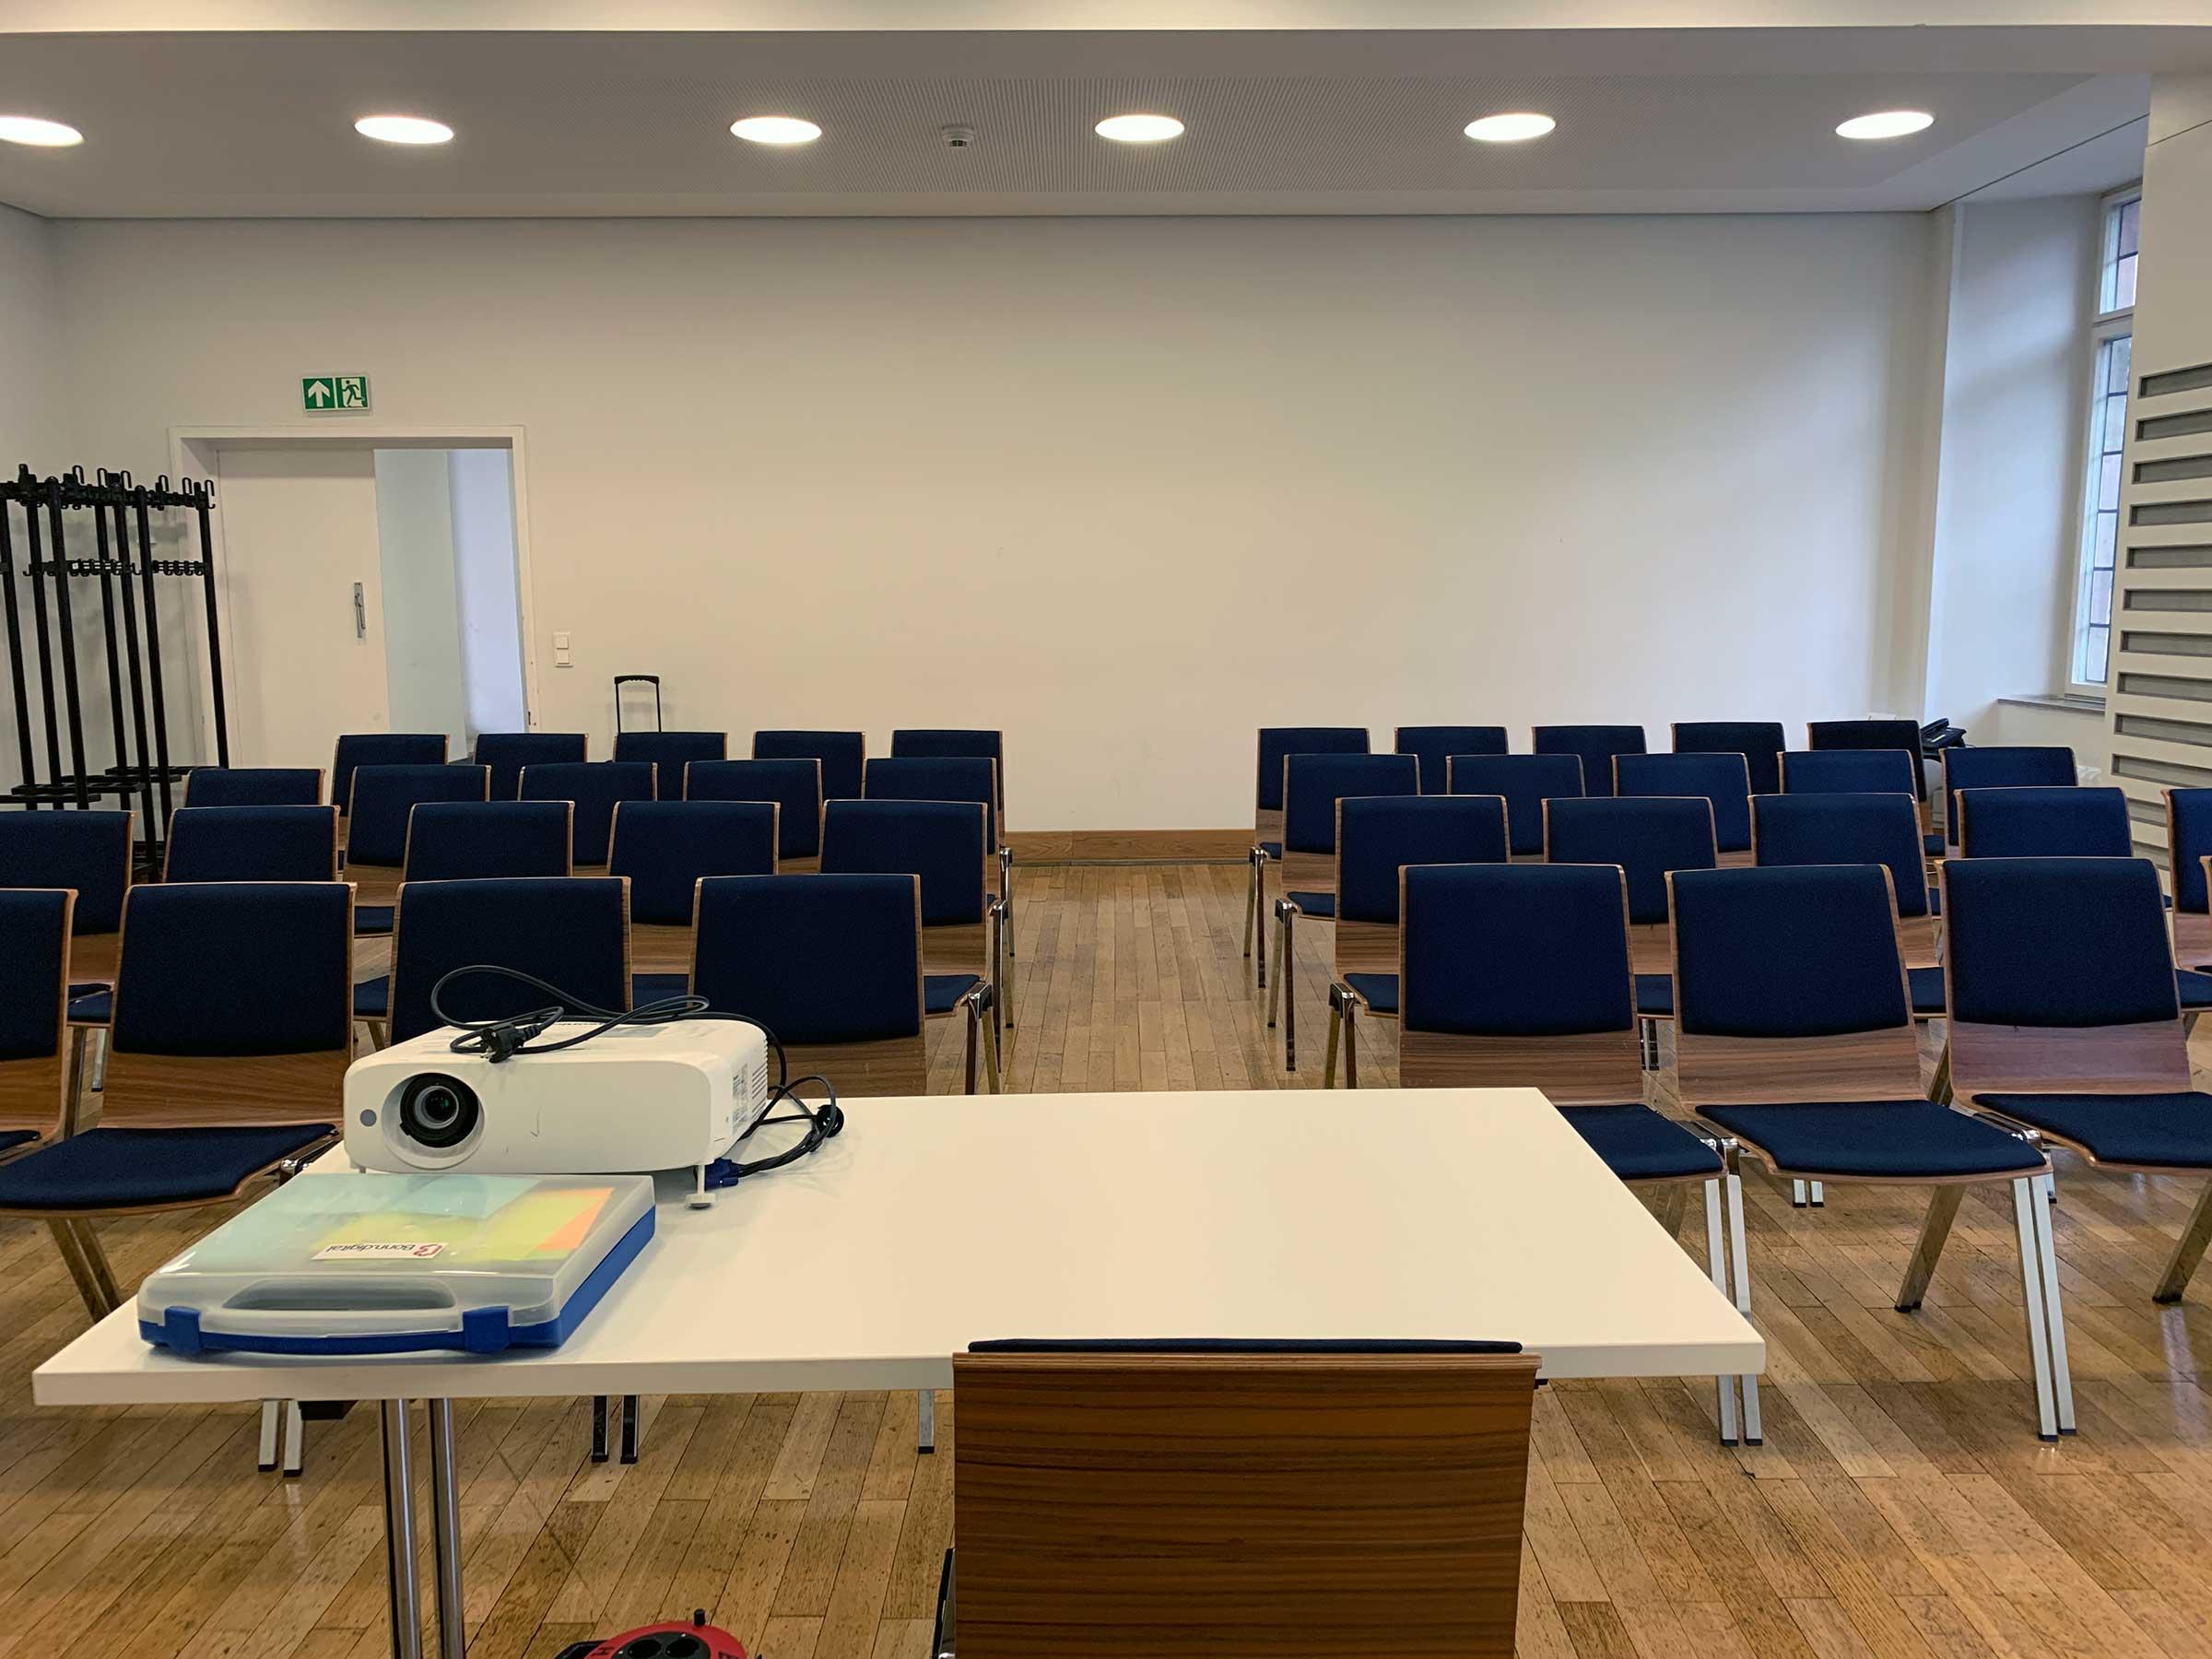 Ein kleinerer Saal mit zwei Blöcken Stuhlreihen von vorne gesehen. Ganz vorne ein Tisch mit einem Beamer und einem Moderationskoffer drauf.